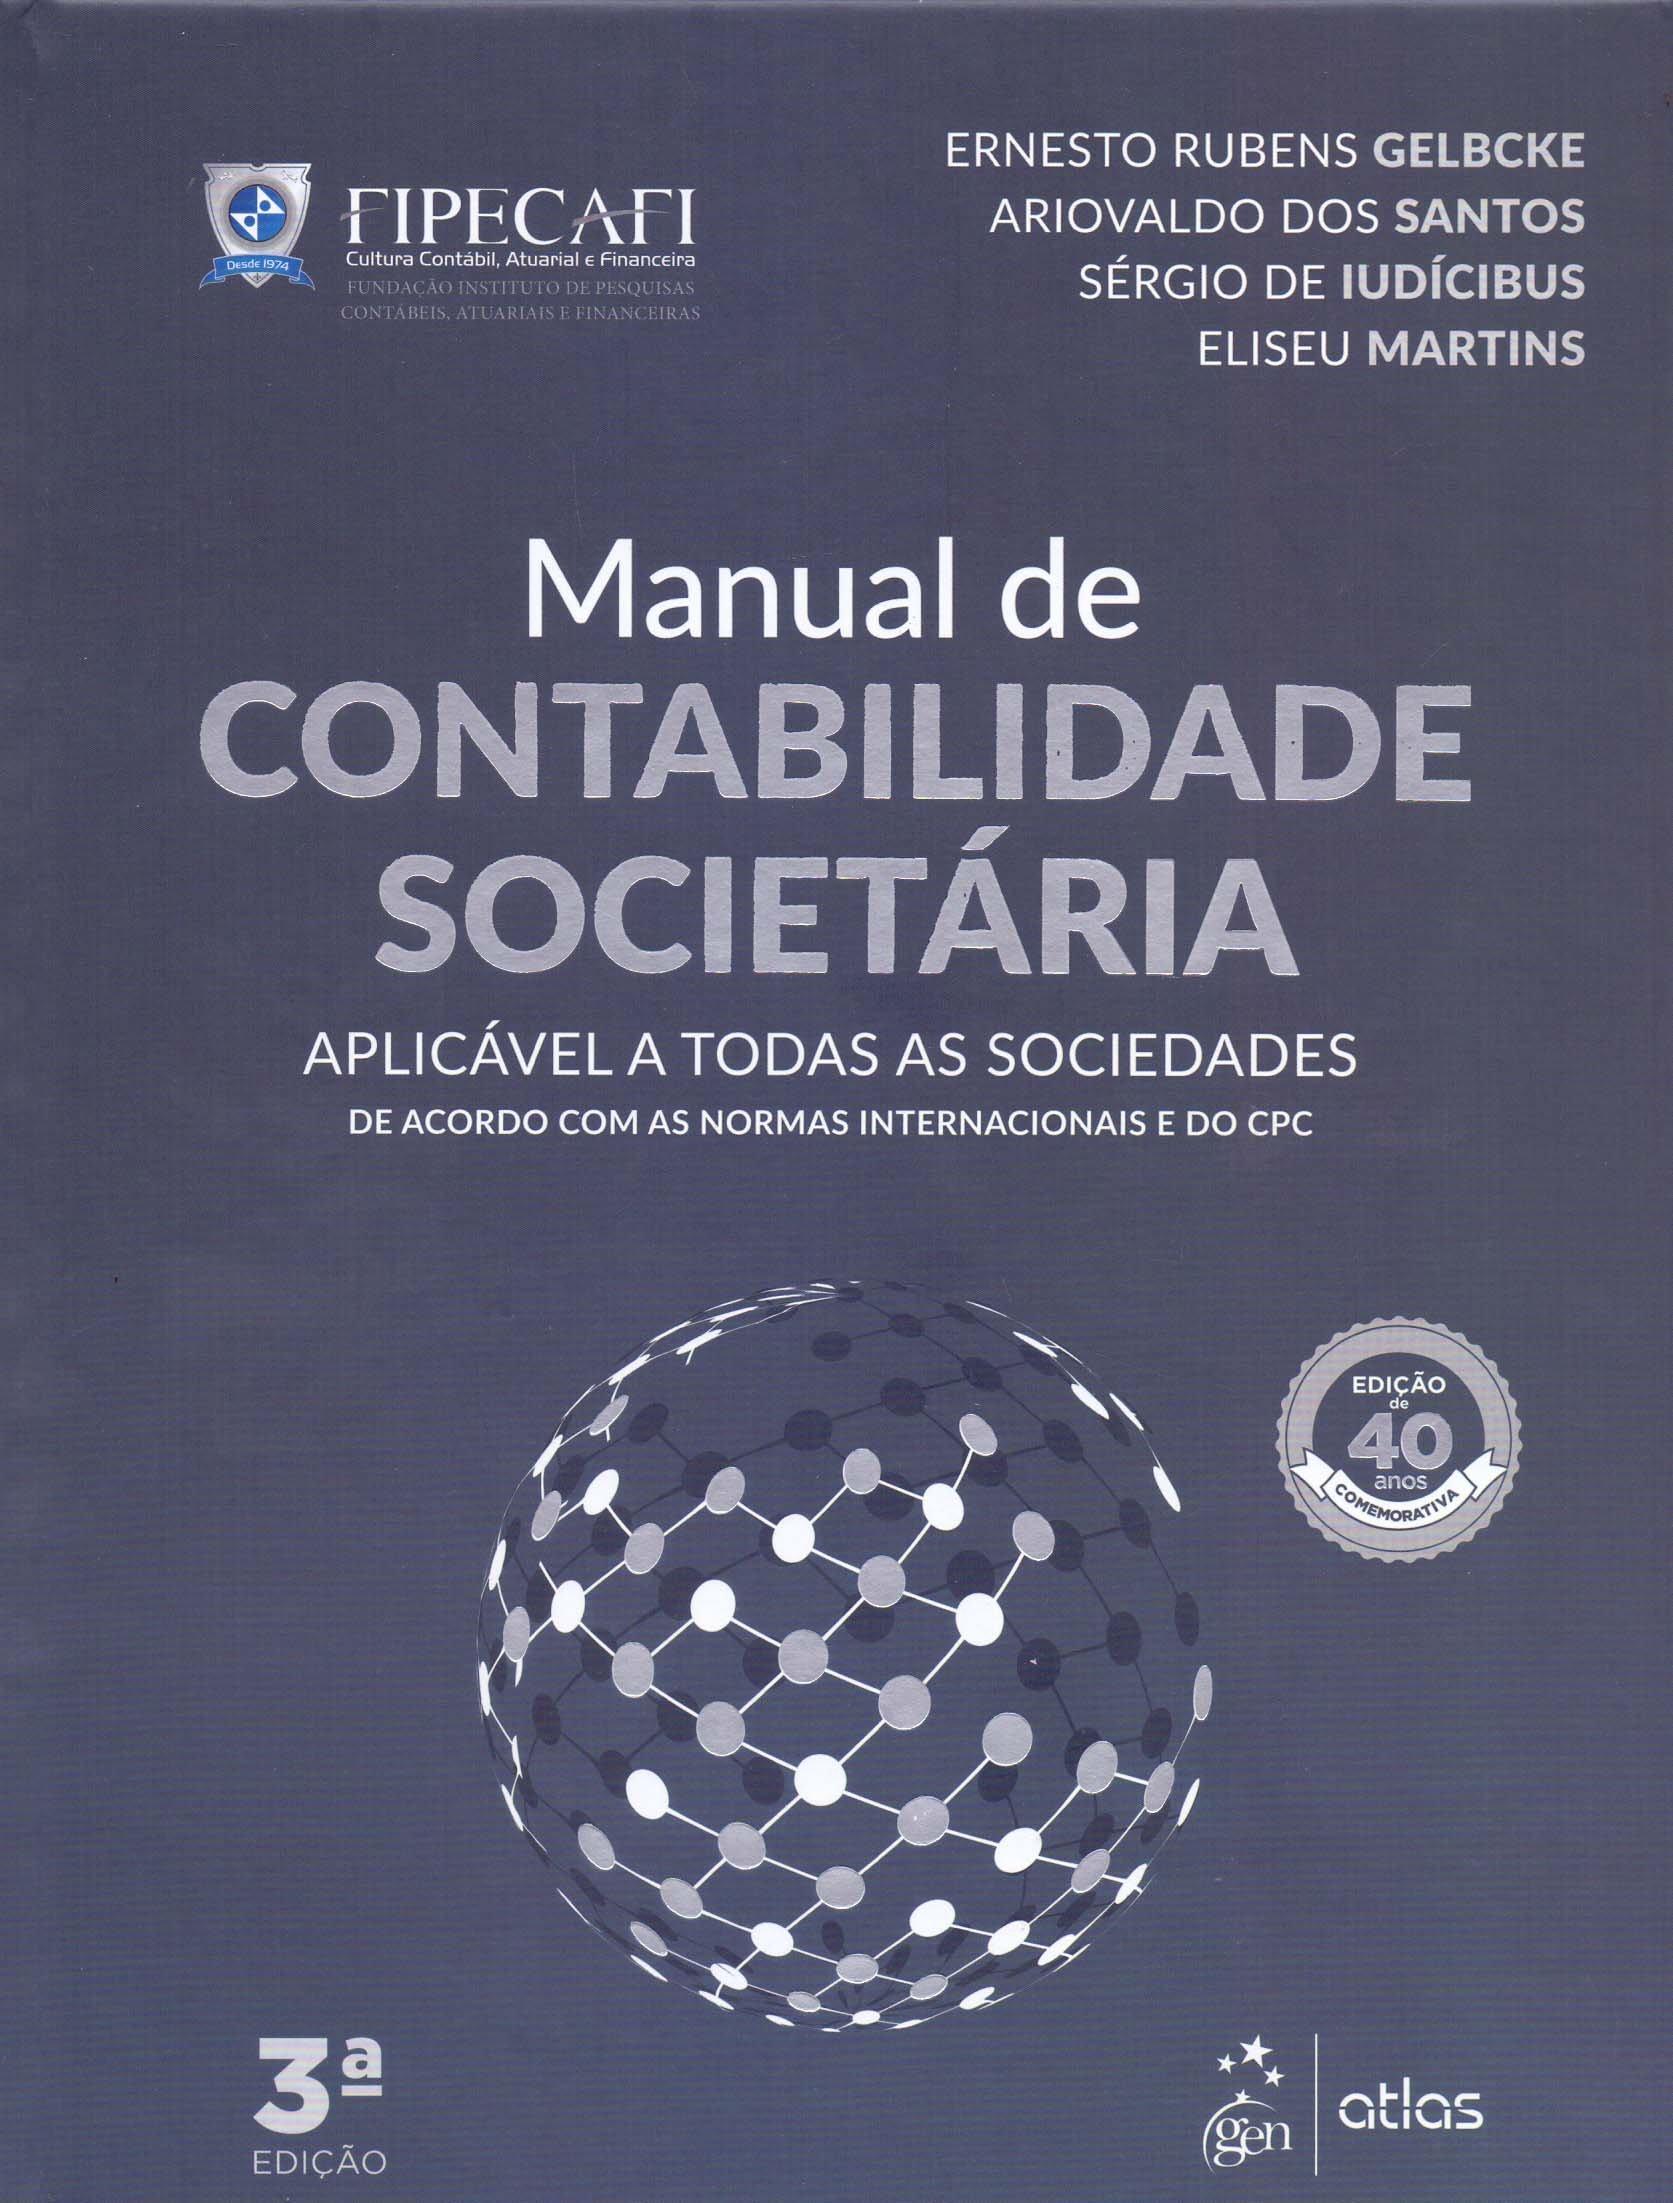 Manual de Contabilidade Societária: Aplicável a Todas as Sociedades de Acordo com as Normas Internacionais e do CPC